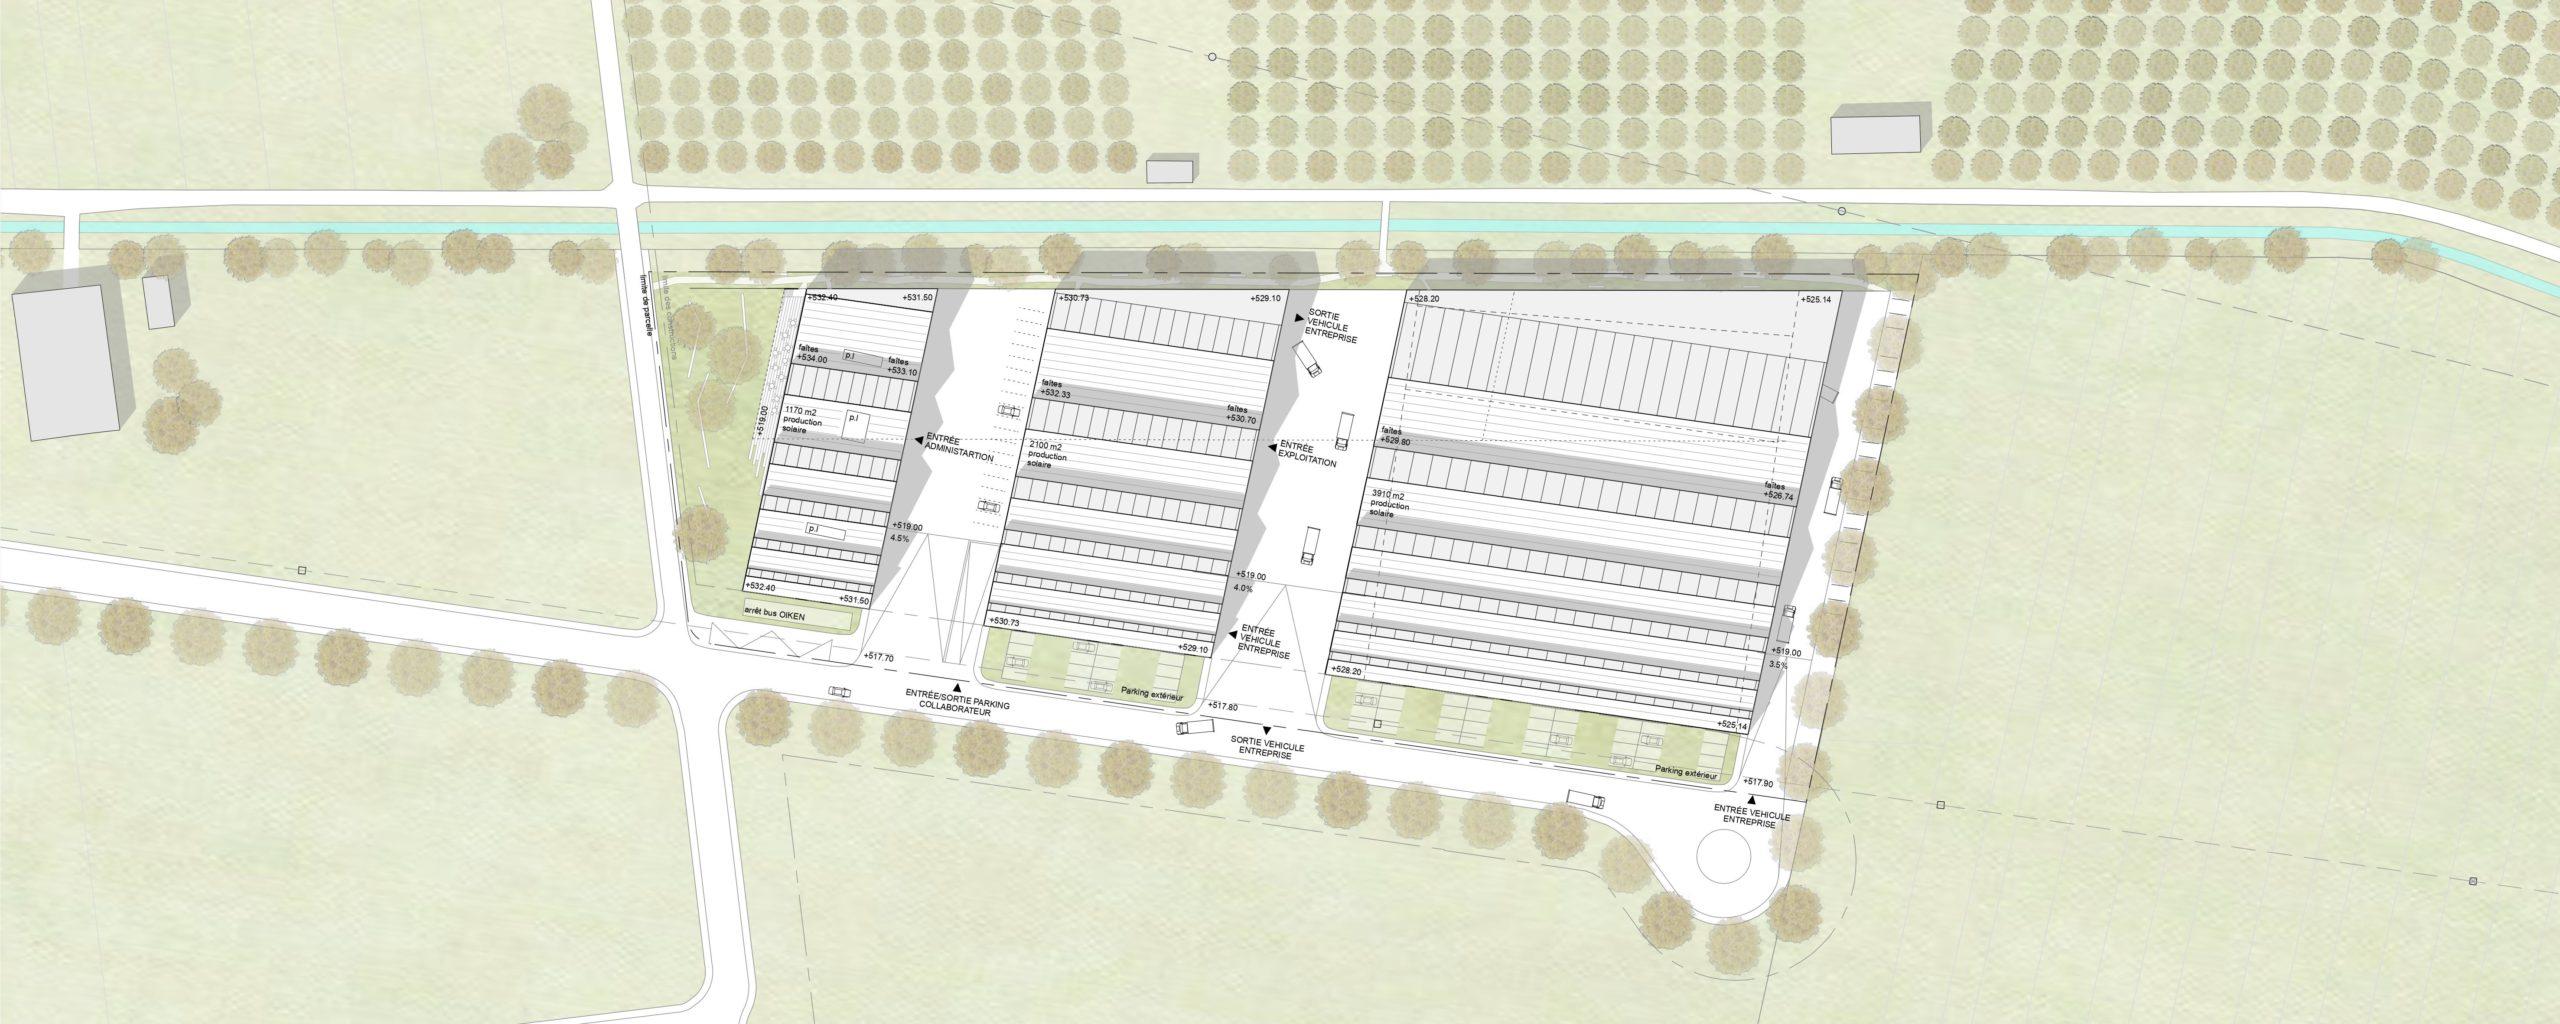 concours- d'architecture pour le nouveau centre technique et logistique - Oiken - situation